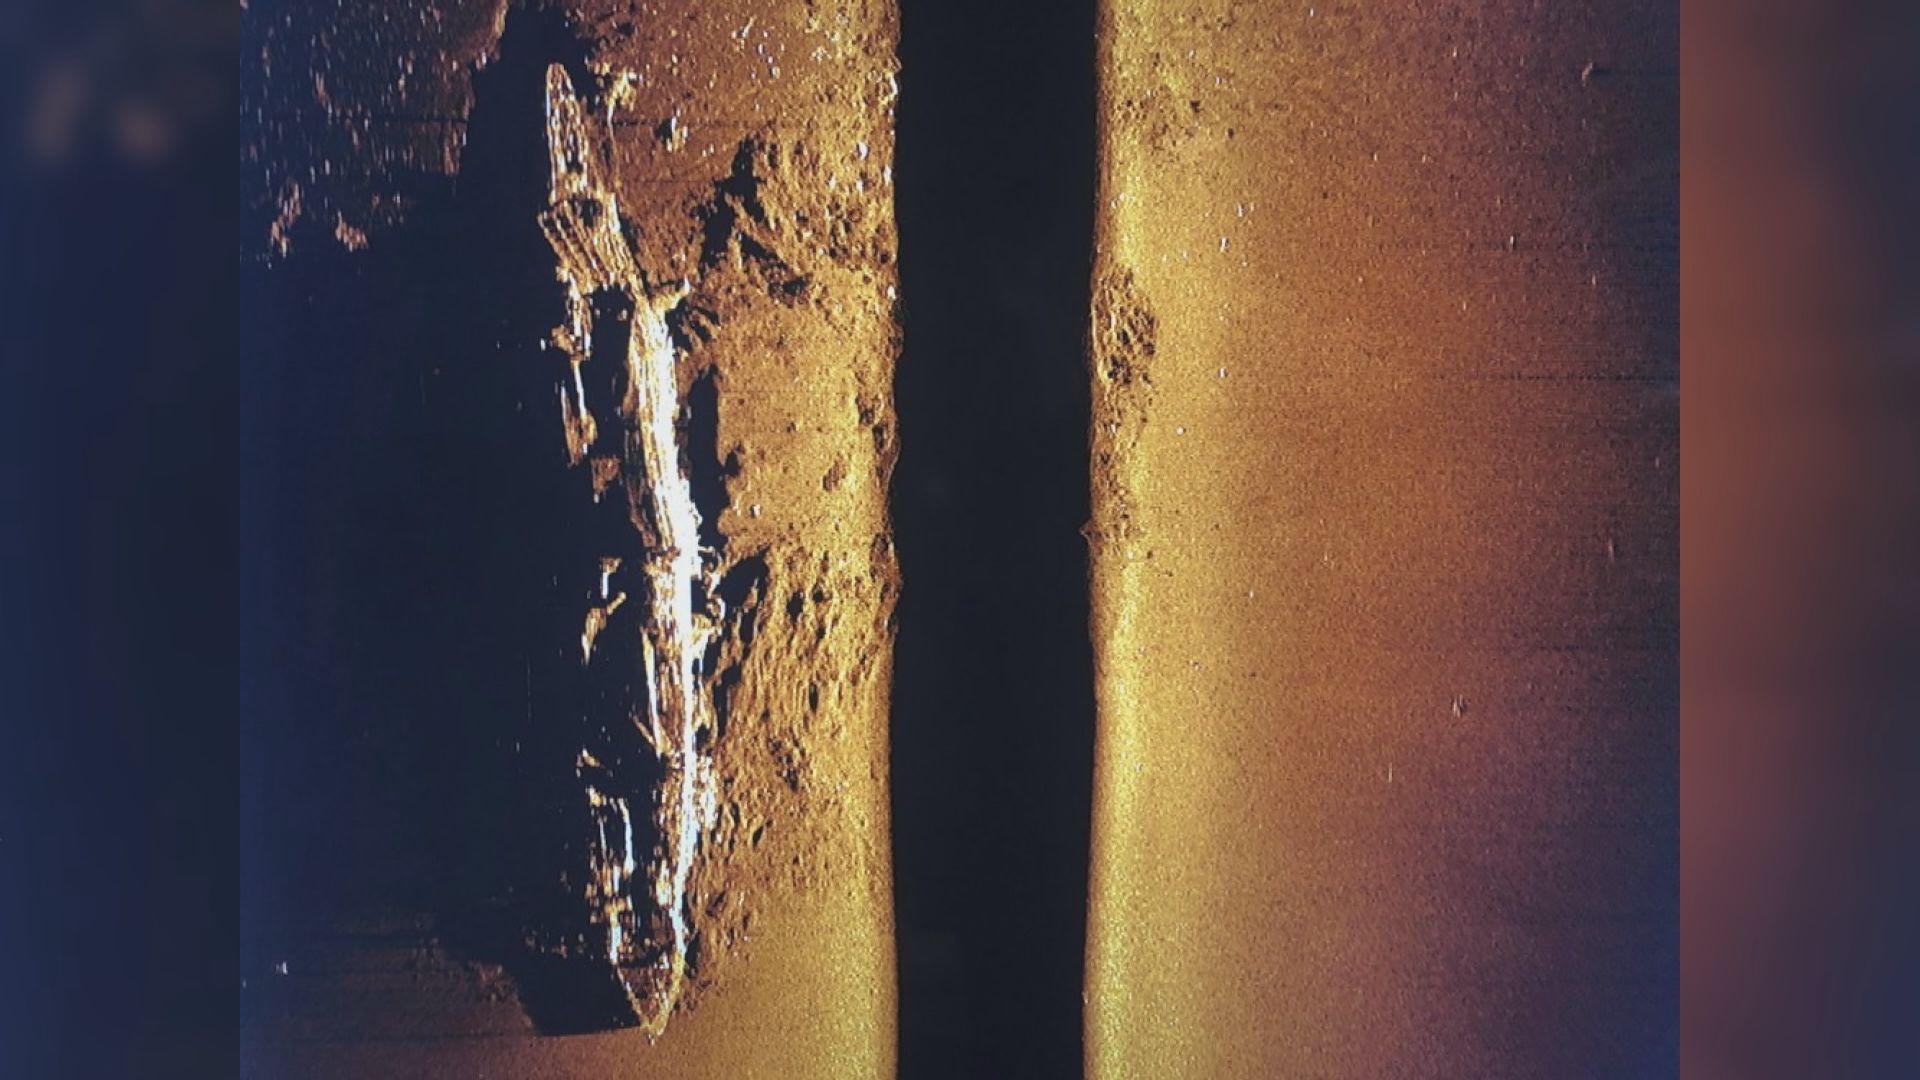 【環球薈報】赤城號殘骸在太平洋海底被發現